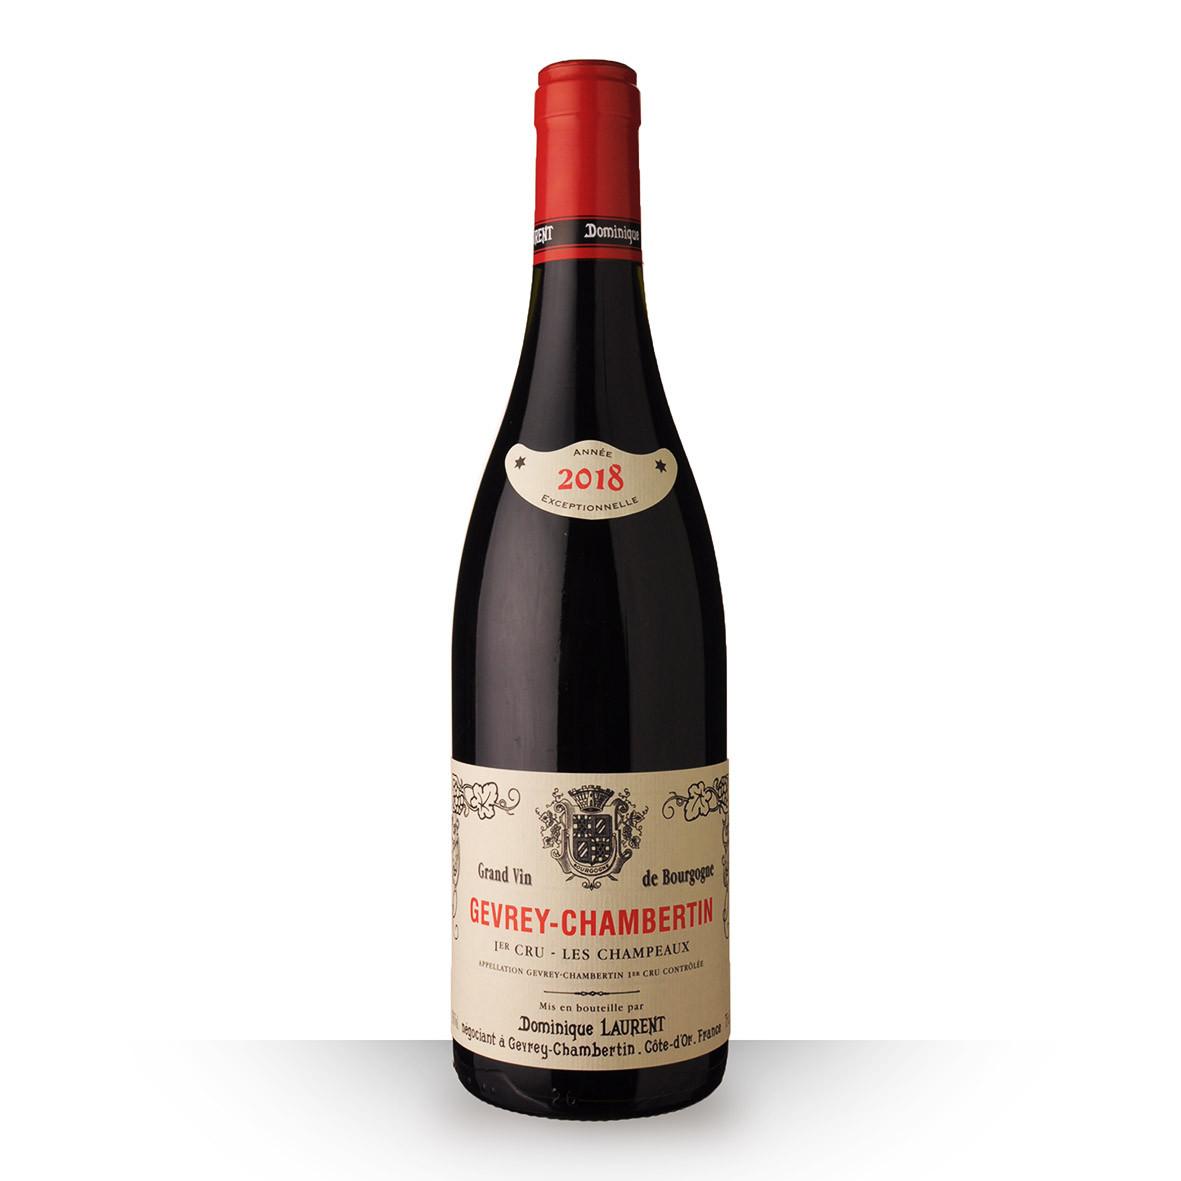 Dominique Laurent Vieilles Vignes Gevrey-Chambertin 1er Cru les Champeaux Rouge 2018 75cl www.odyssee-vins.com